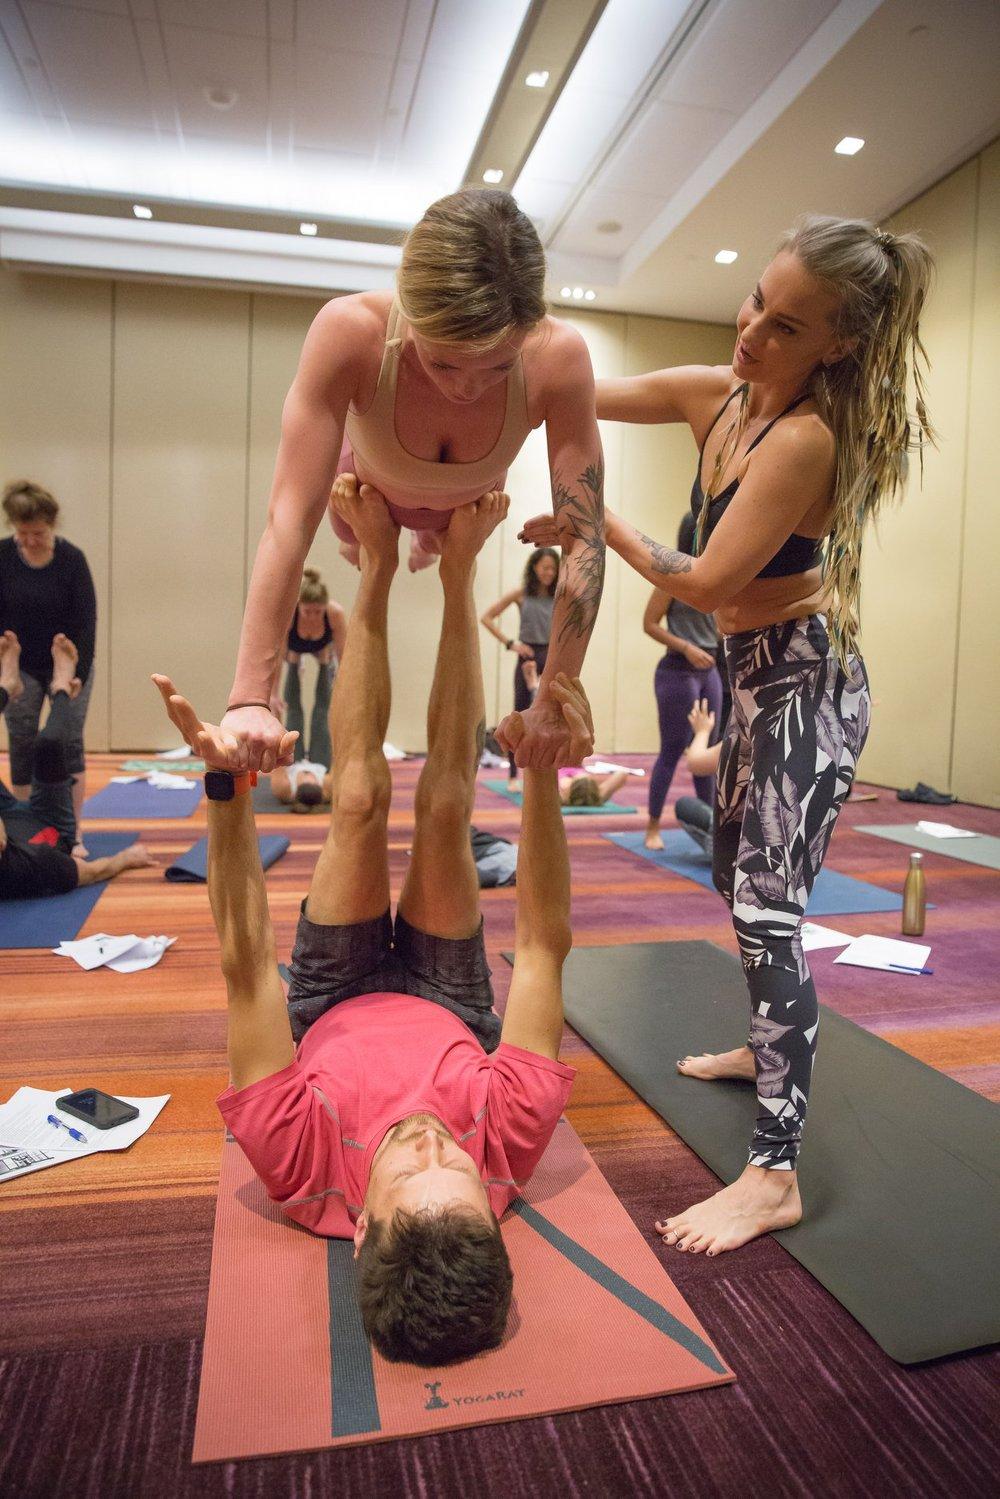 acroyoga-toronto-yoga.jpg